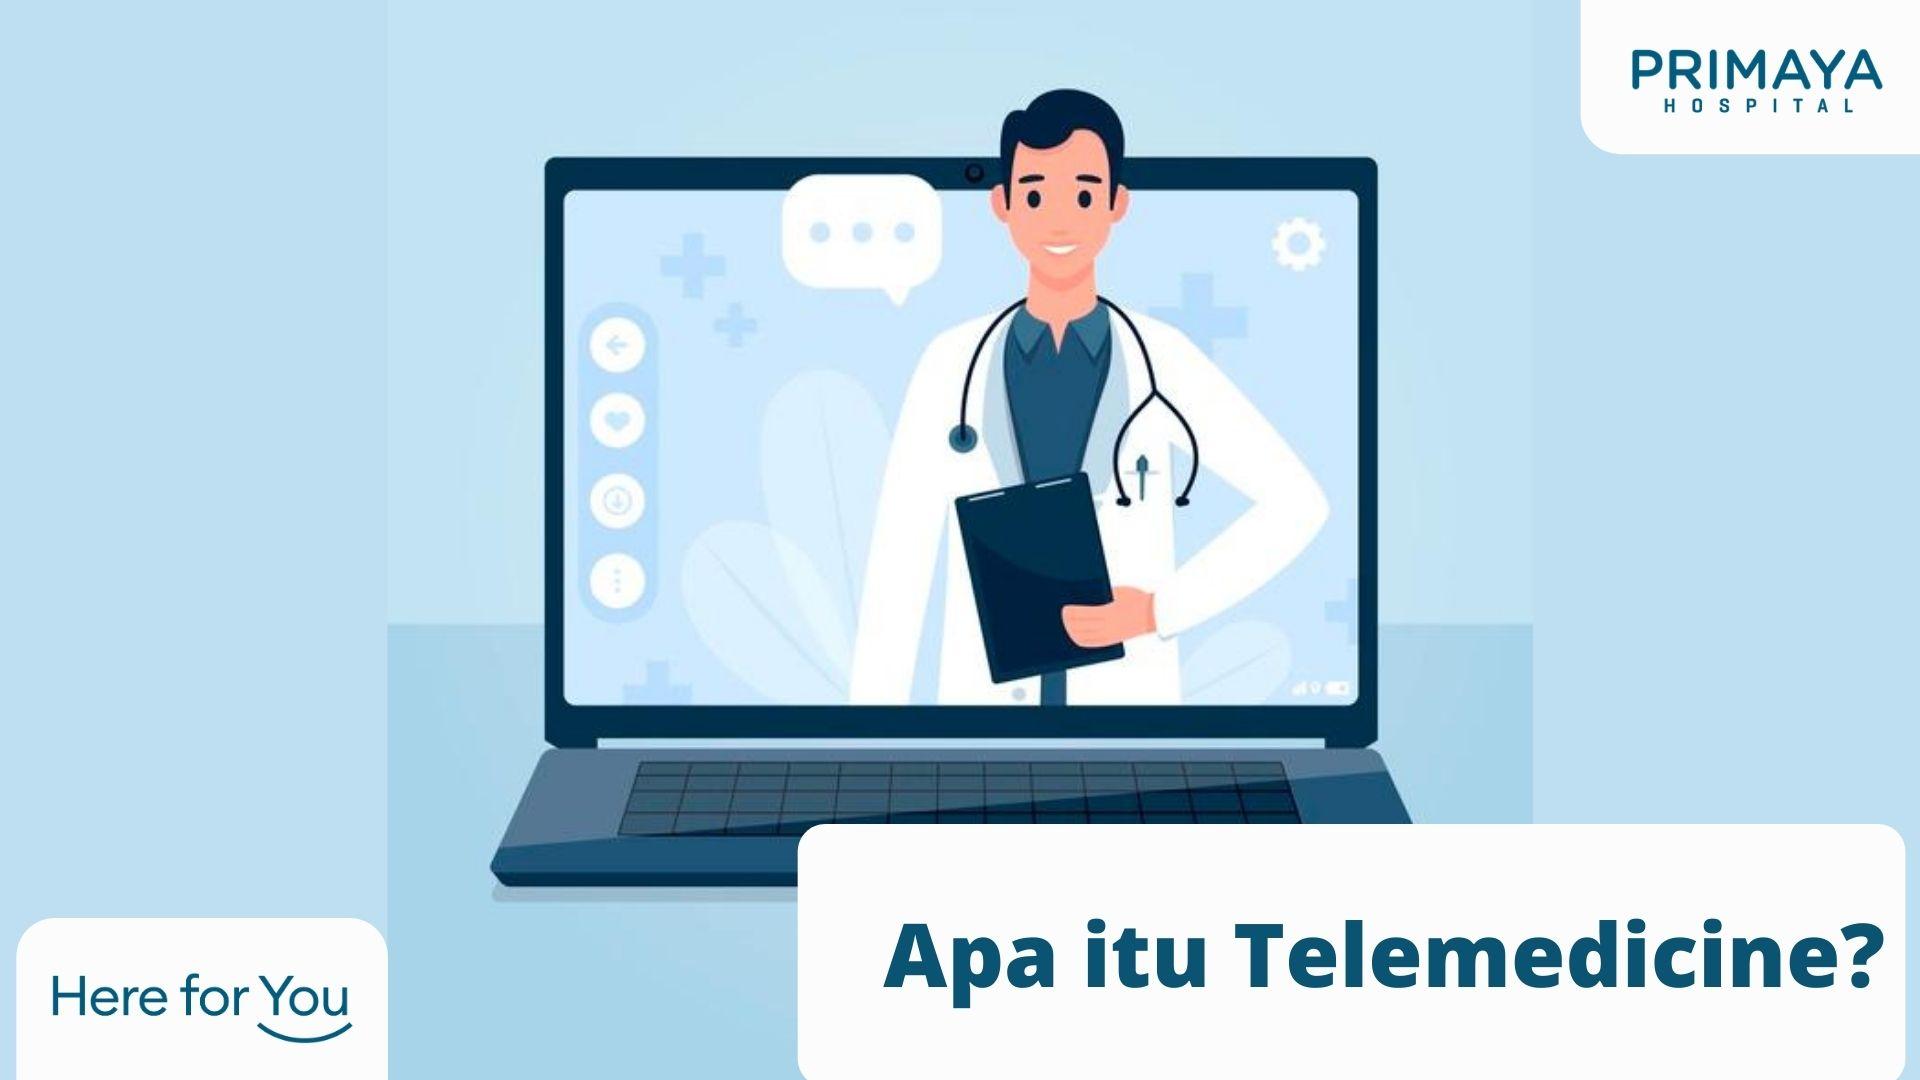 Apa Itu Telemedicine, Telekonsultasi, atau Konsultasi Online Kesehatan